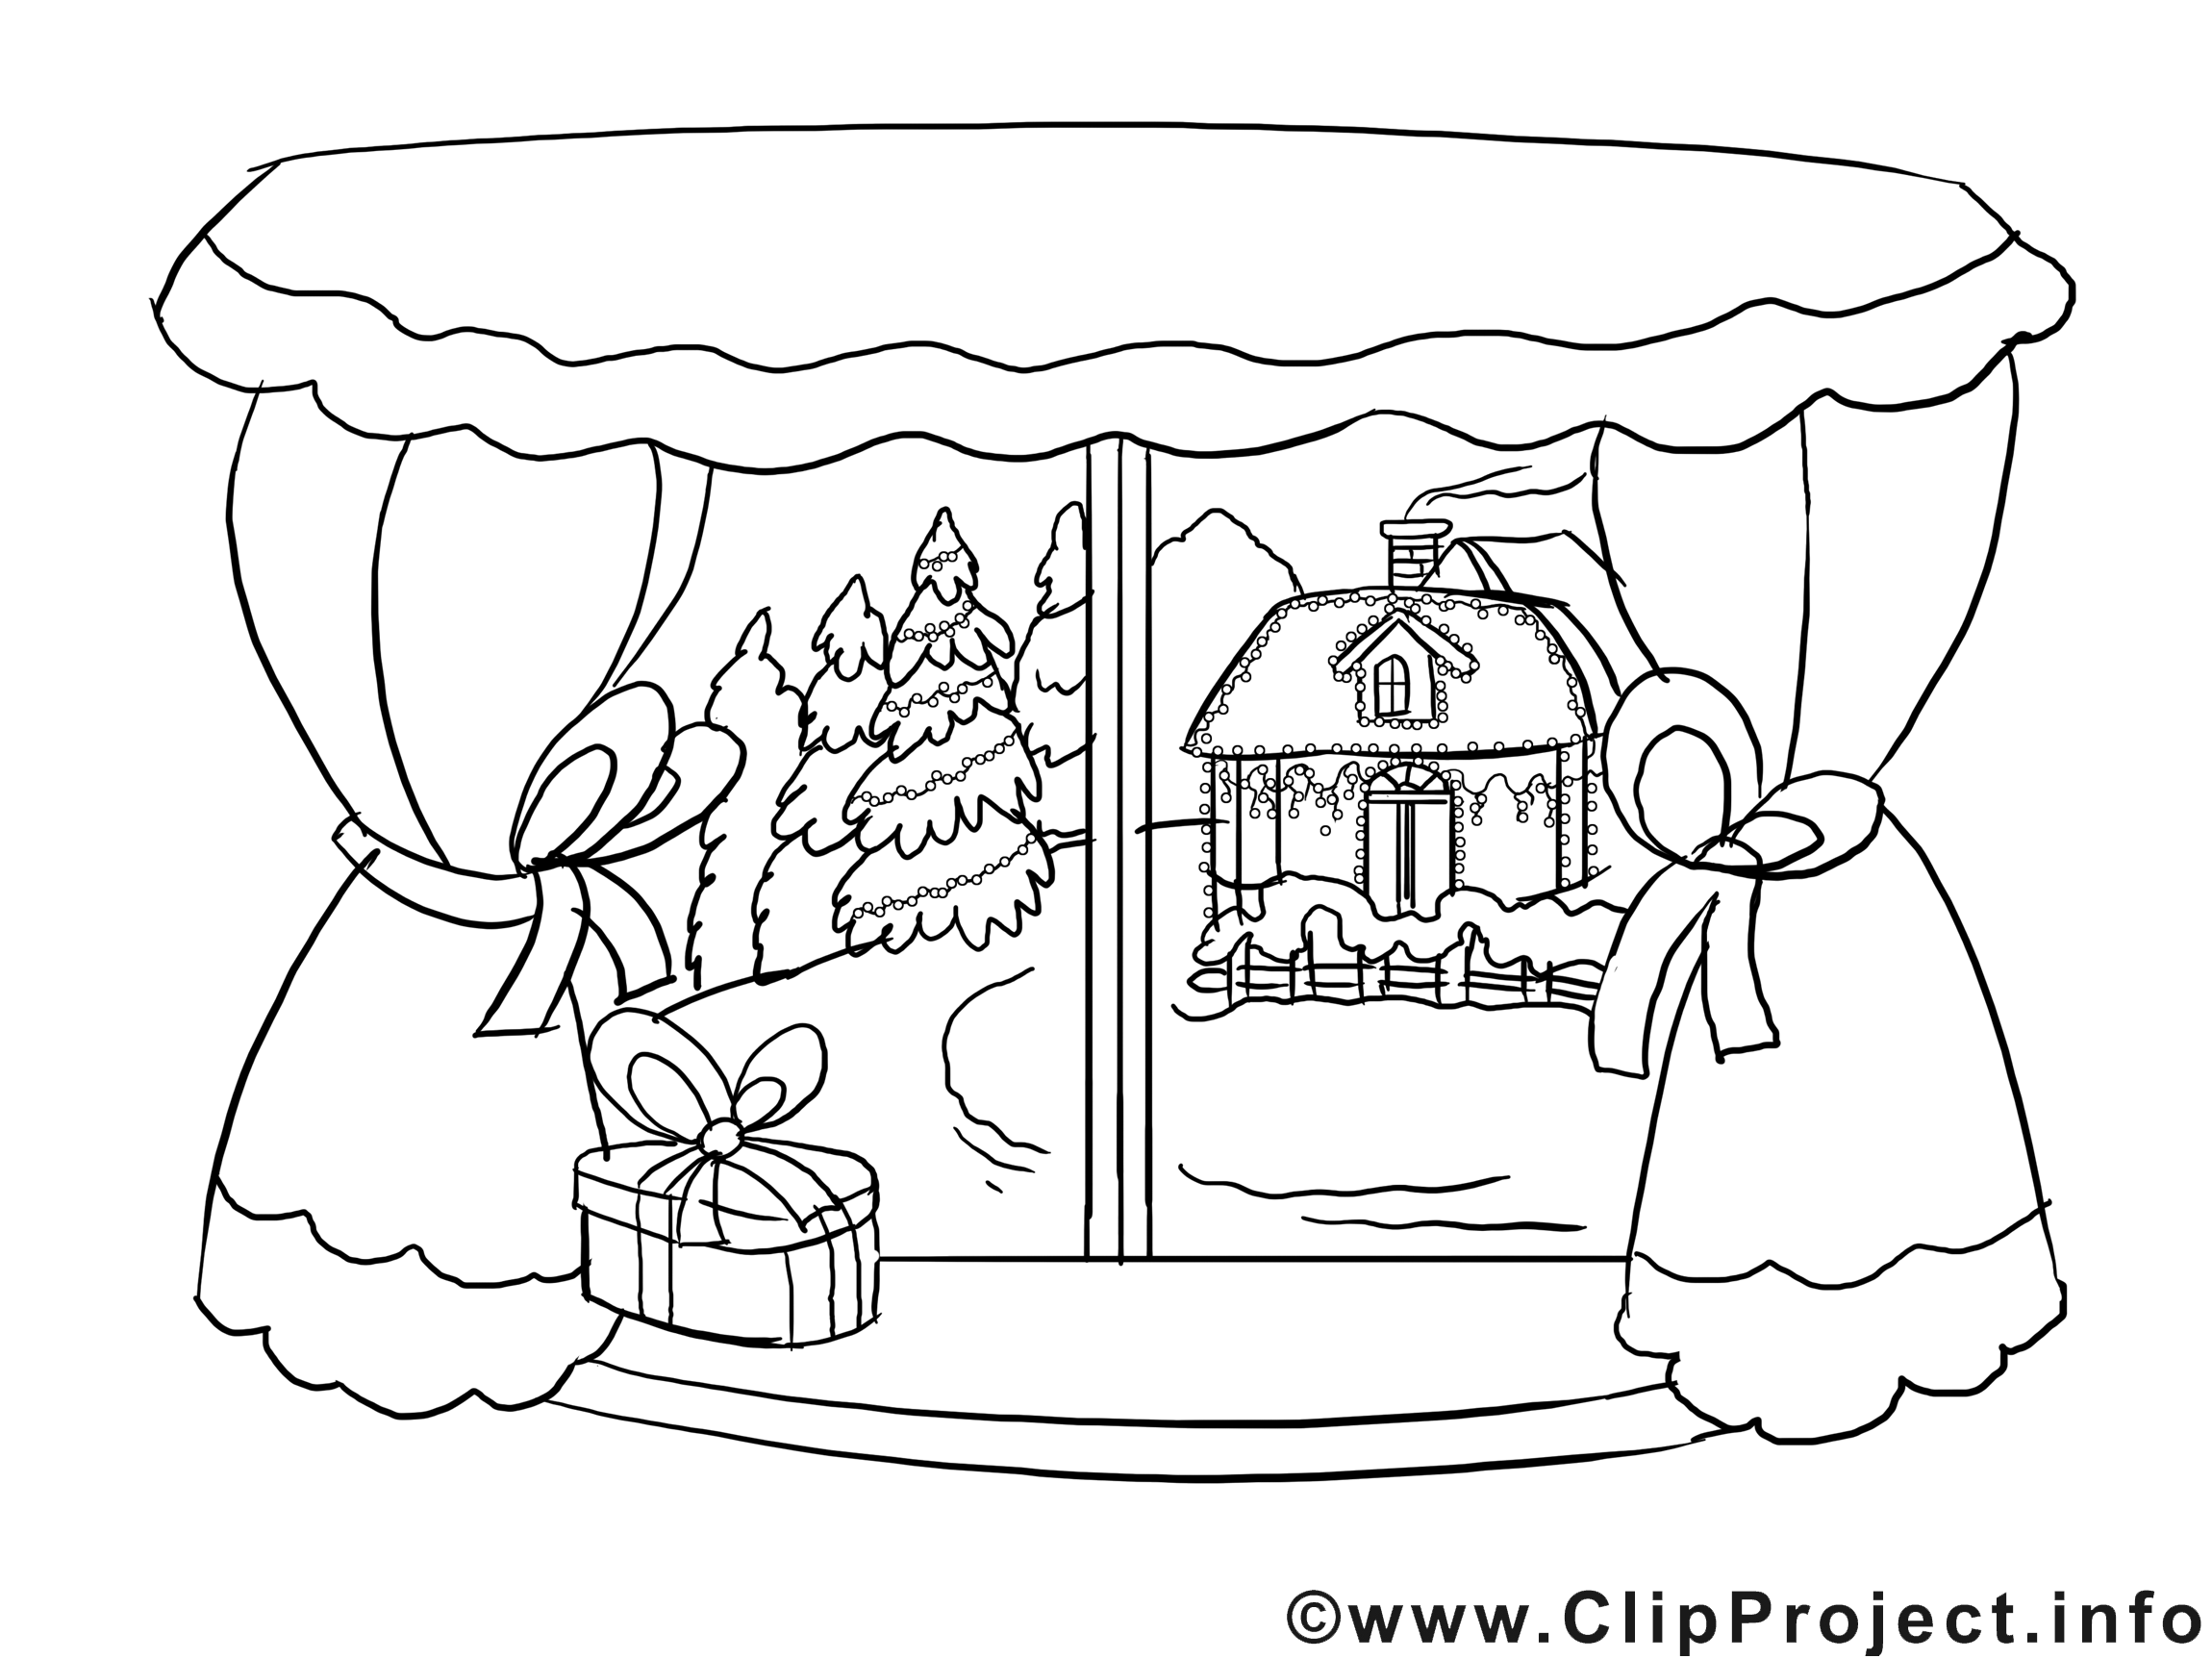 Bild Zum Ausmalen Winterlandschaft Im Fenster Bilder Zum Ausmalen Ausmalen Ausmalbilder